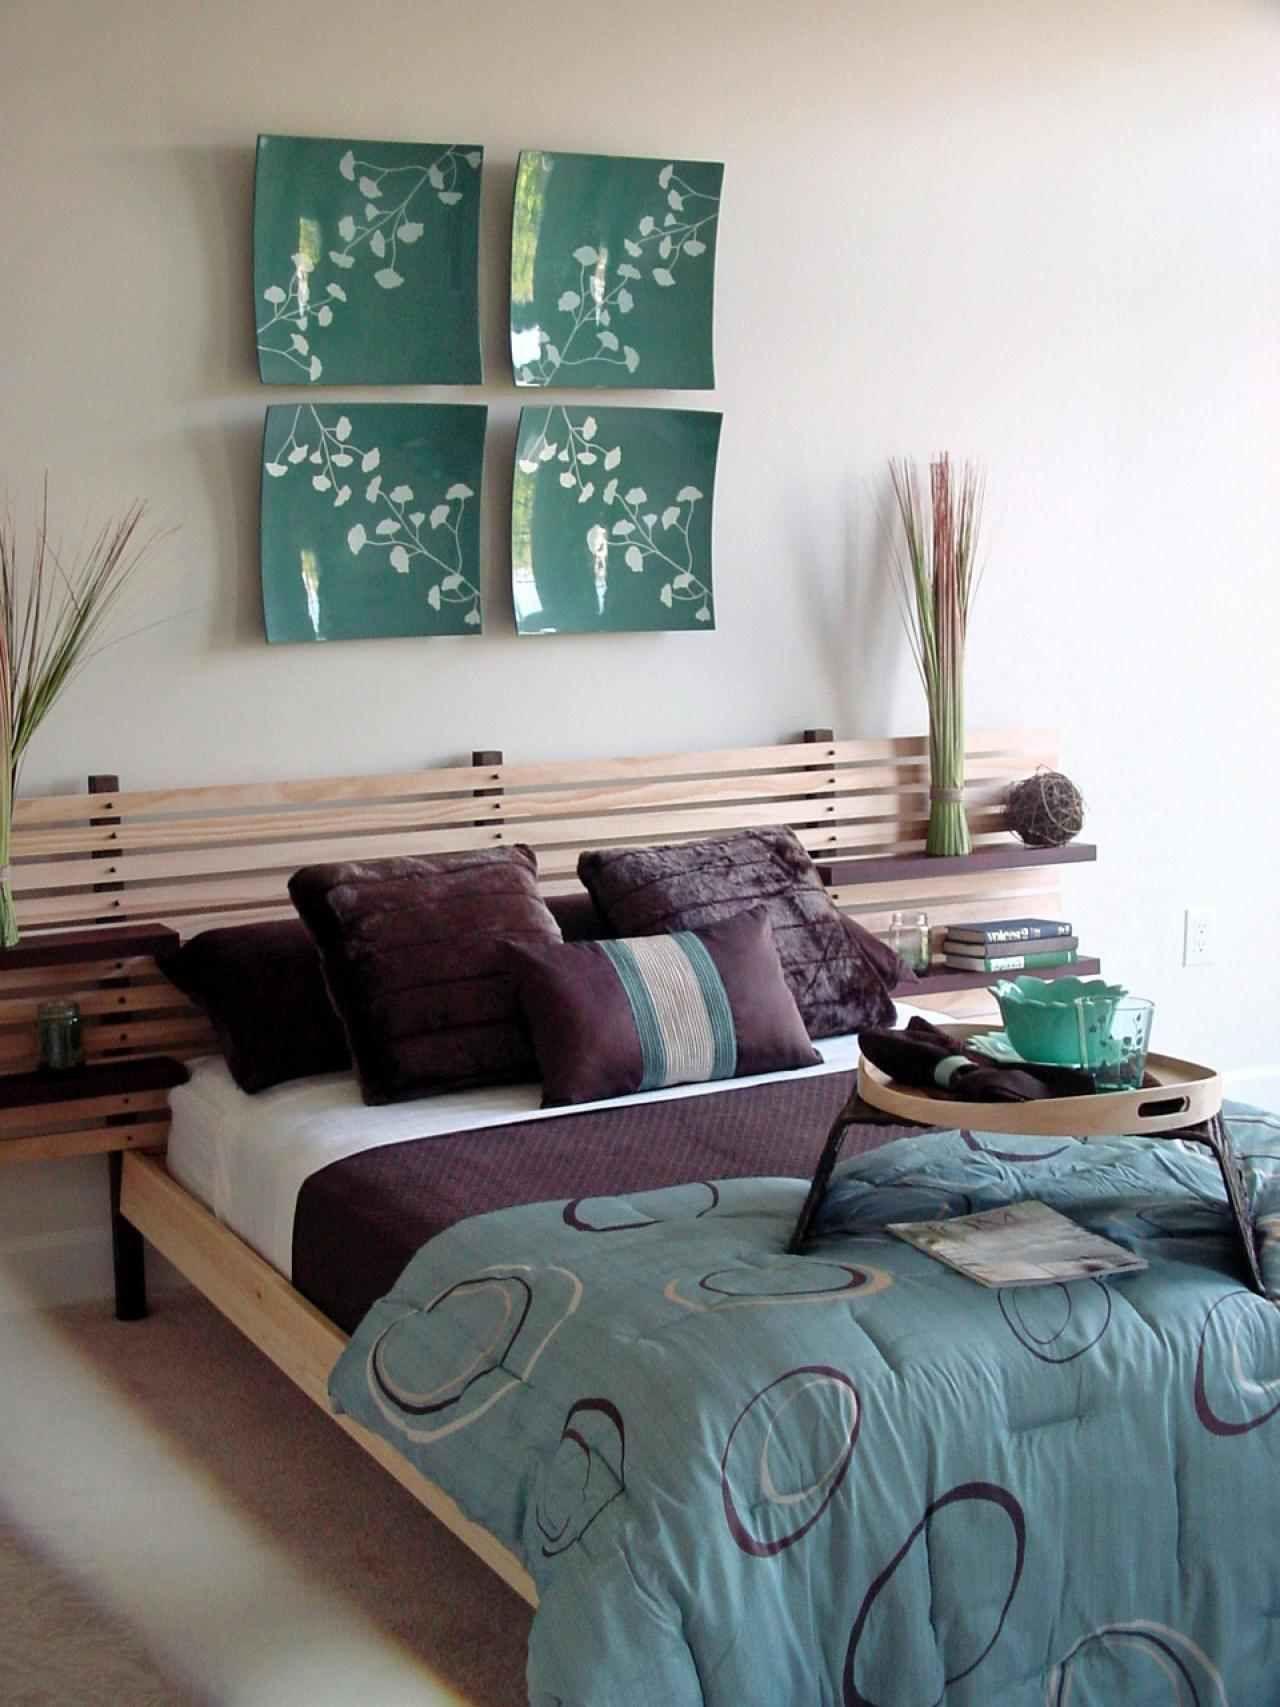 45 exemples de tête de lit originale en styles différents | salons